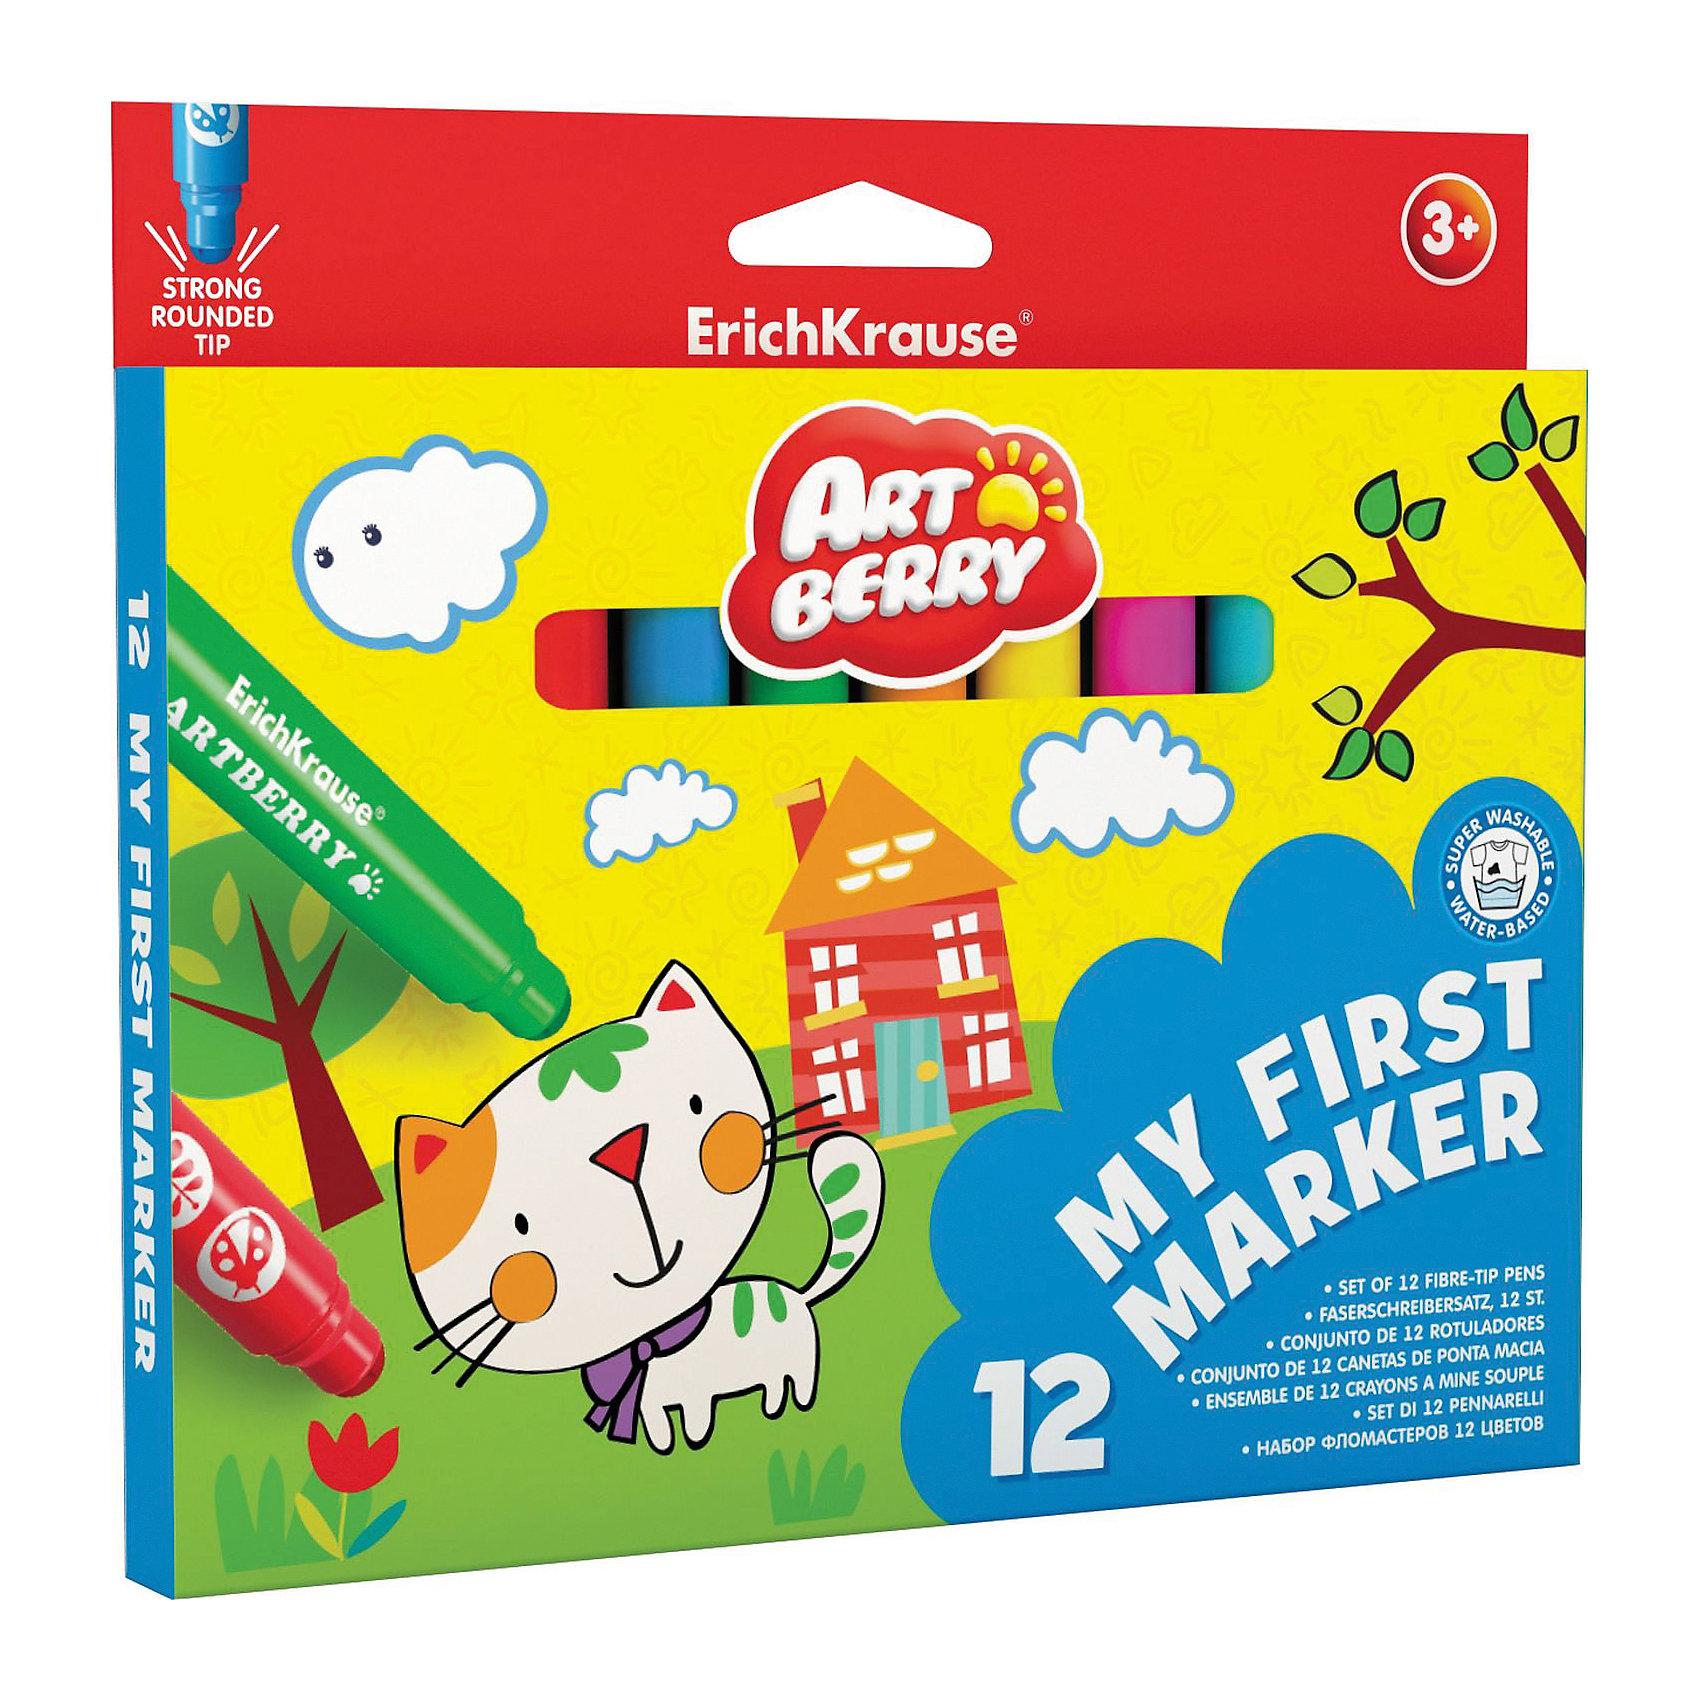 Закругленные фломастеры Мои первые фломастеры (12 цветов), ArtberryПисьменные принадлежности<br>Закругленные фломастеры Мои первые фломастеры (12 цветов), Artberry (Артберри) разработаны специально для малышей: утолщенный корпус фломастера позволяет маленькому ребёнку удобно держать его в руке, даже просто зажав в кулак. <br><br>Характеристики:<br>-Яркие насыщенные цвета<br>-Безопасные чернила на водной основе легко смываются холодной водой, отстирываются с тканей и отмываются с бытовых поверхностей<br>-Вентилируемый колпачок, плотная заглушка<br>-Четкие контрастные линии<br>-Ударопрочный широкий наконечник пишет под любым углом<br><br>Комплектация: 12 разноцветных фломастеров<br><br>Дополнительная информация:<br>-Вес в упаковке: 190 г<br>-Размеры в упаковке: 170х190х10 мм<br>-Материалы: пластик, картон, чернила<br><br>Набор закругленных фломастеров станет отличным подарком, который доставит настоящую радость детям и откроет возможности для развития творческих способностей Вашего ребенка.<br><br>Закругленные фломастеры My First Marker (12 цветов), Artberry (Артберри) можно купить в нашем магазине.<br><br>Ширина мм: 170<br>Глубина мм: 190<br>Высота мм: 10<br>Вес г: 190<br>Возраст от месяцев: 36<br>Возраст до месяцев: 144<br>Пол: Унисекс<br>Возраст: Детский<br>SKU: 4058303